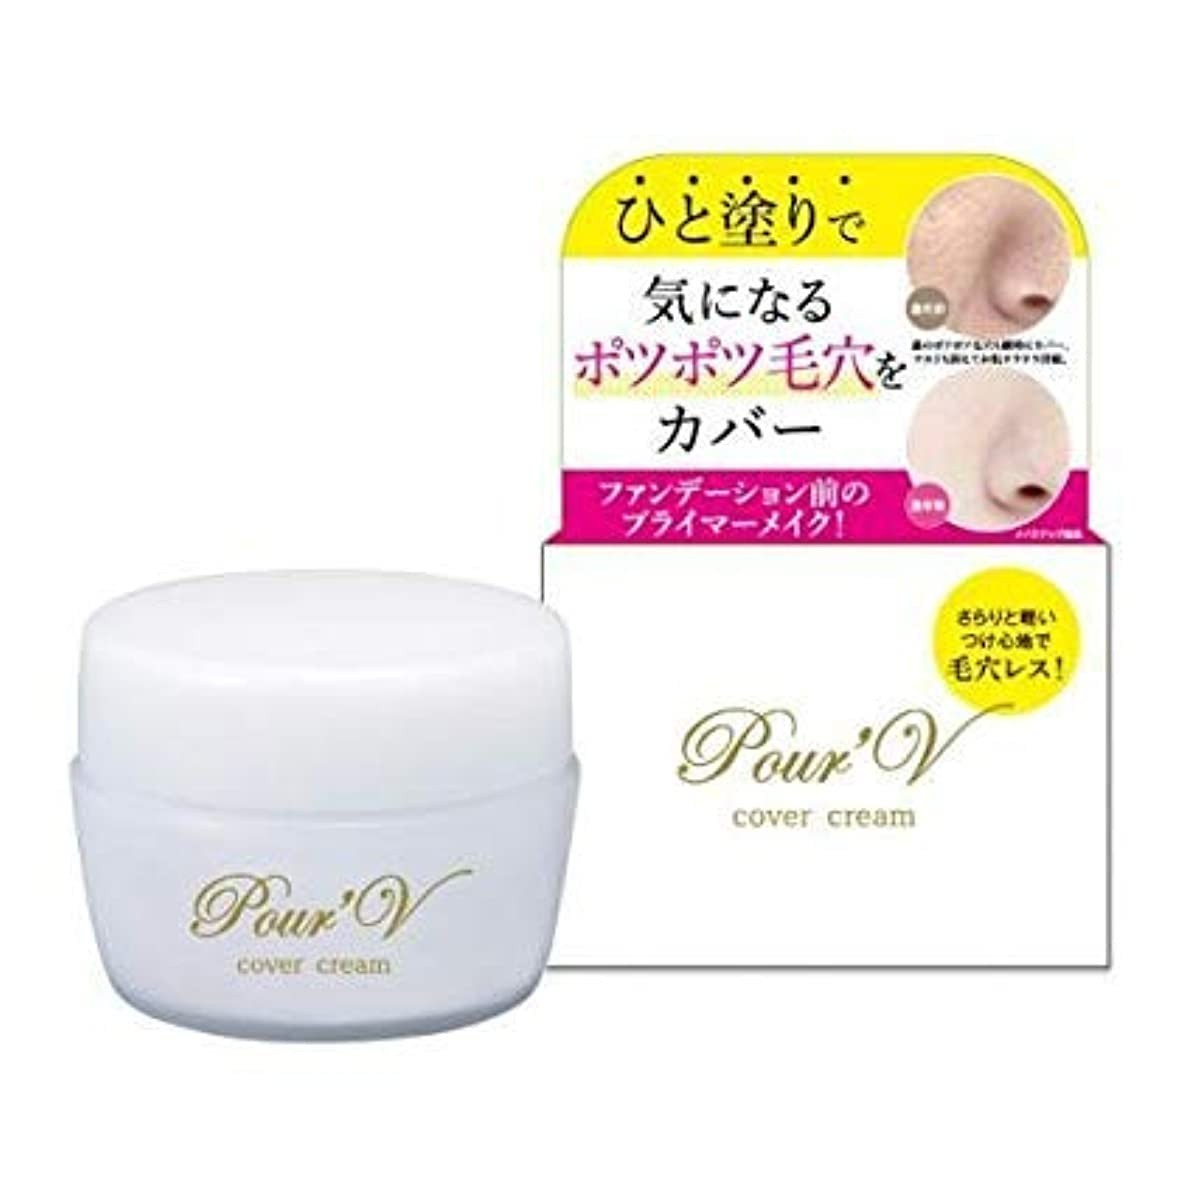 記念生命体取り扱いPour'V プレヴ cover cream10個セット